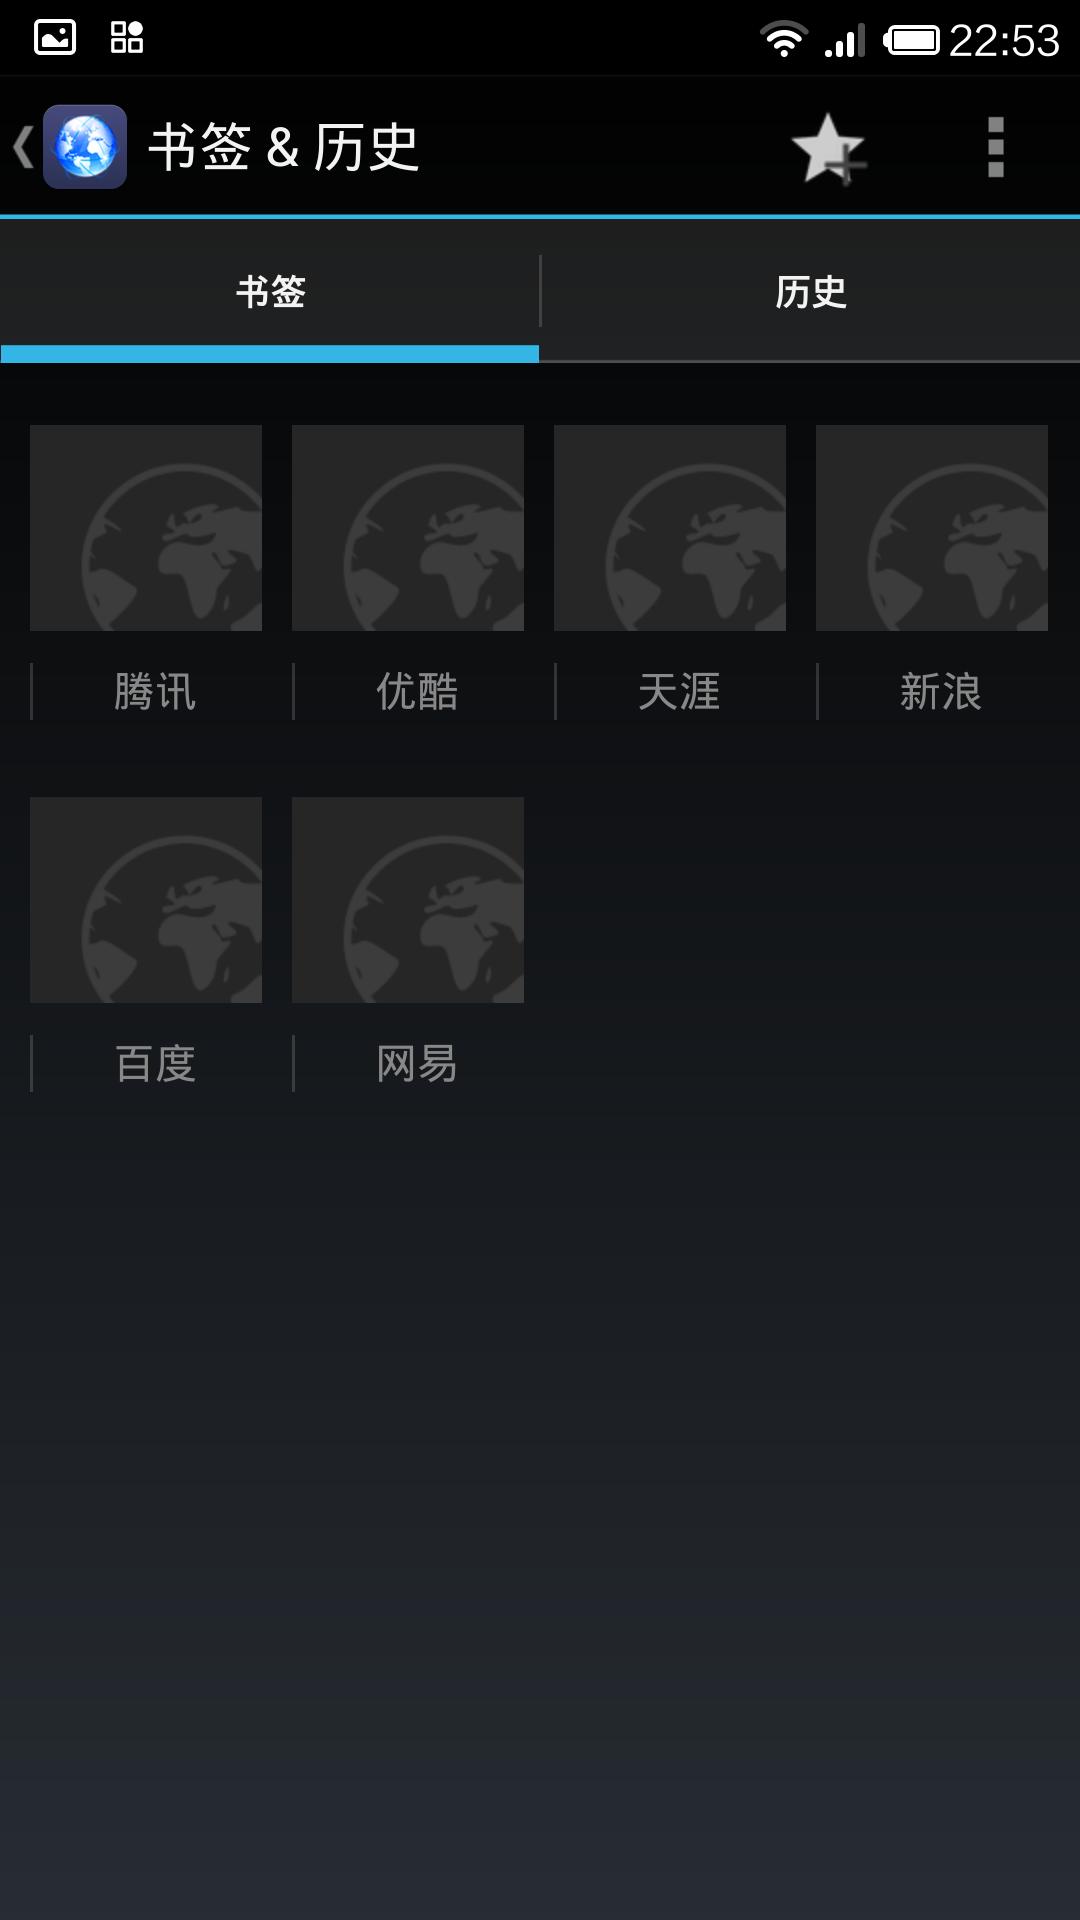 淘扑浏览器